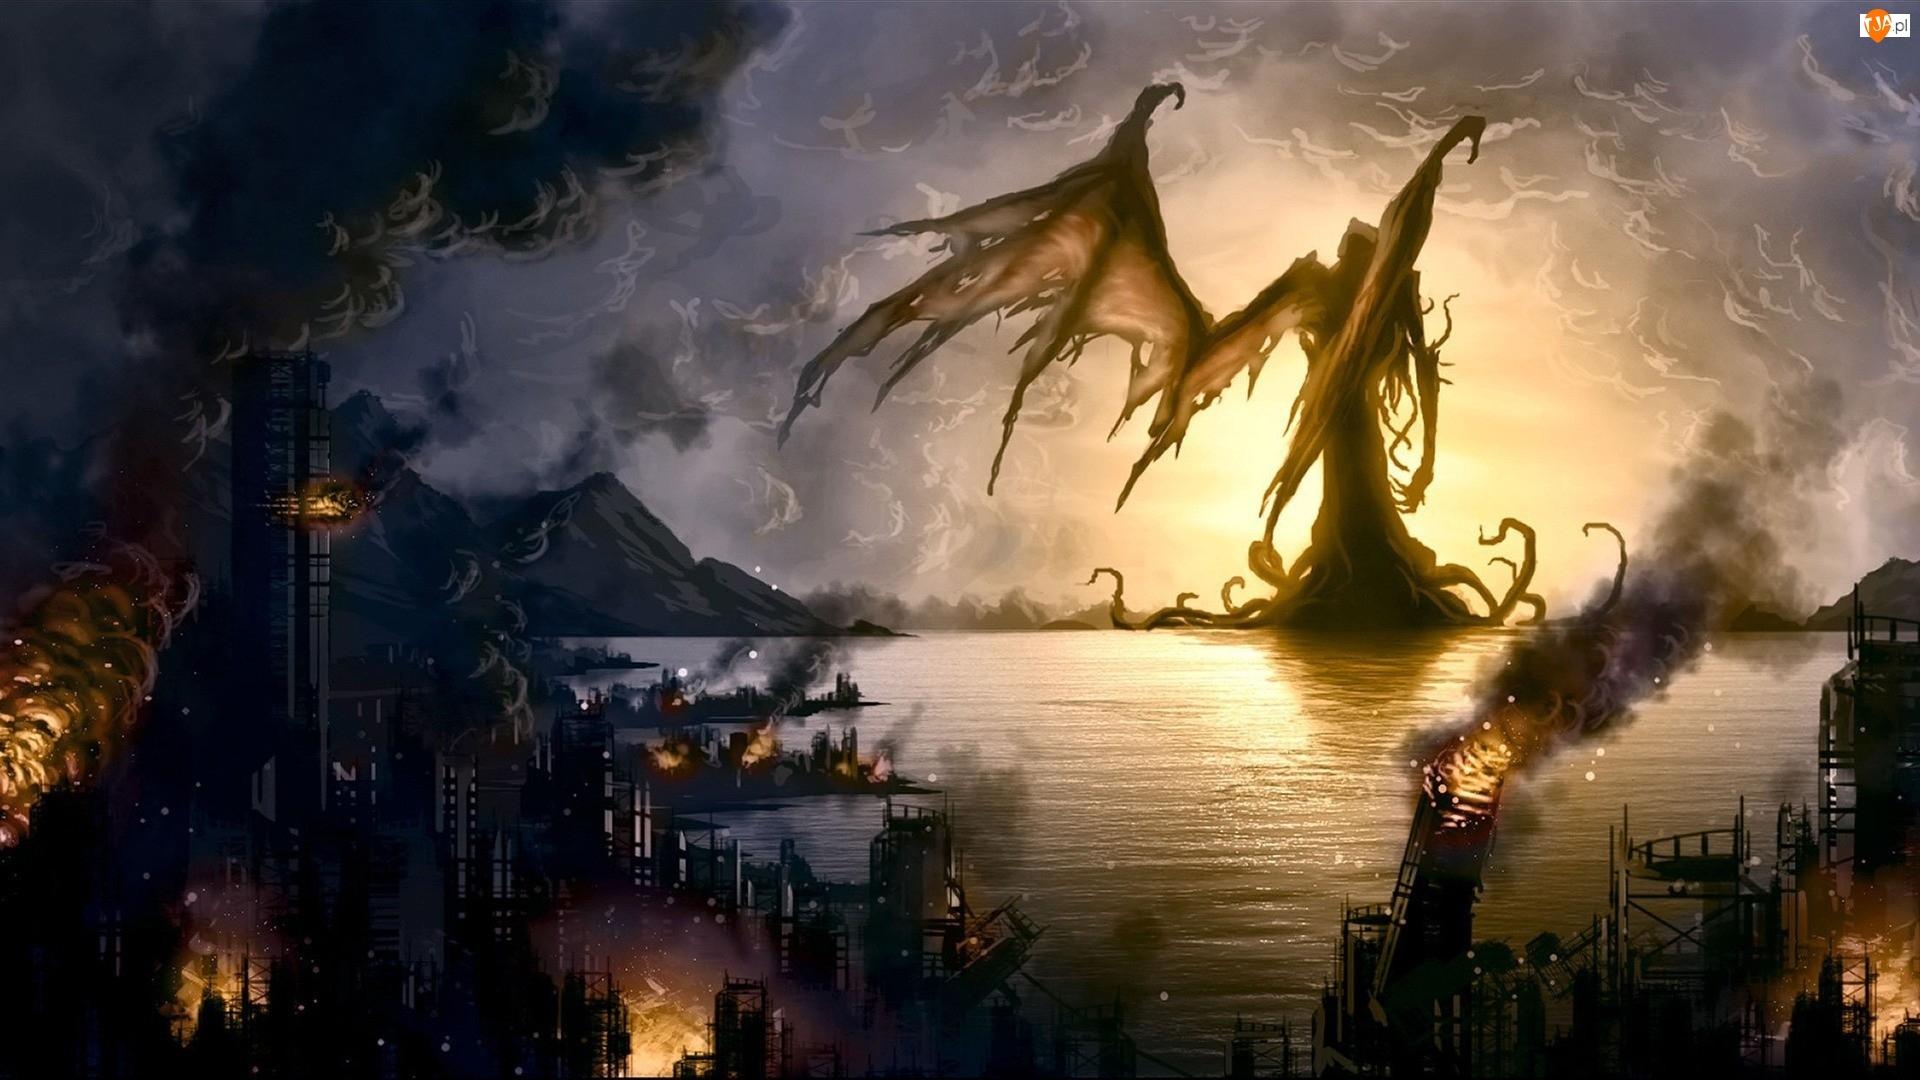 Postać, Morze, Gra, Apokalipsa, Call of Cthulhu: Mroczne zakątki świata, Miasto